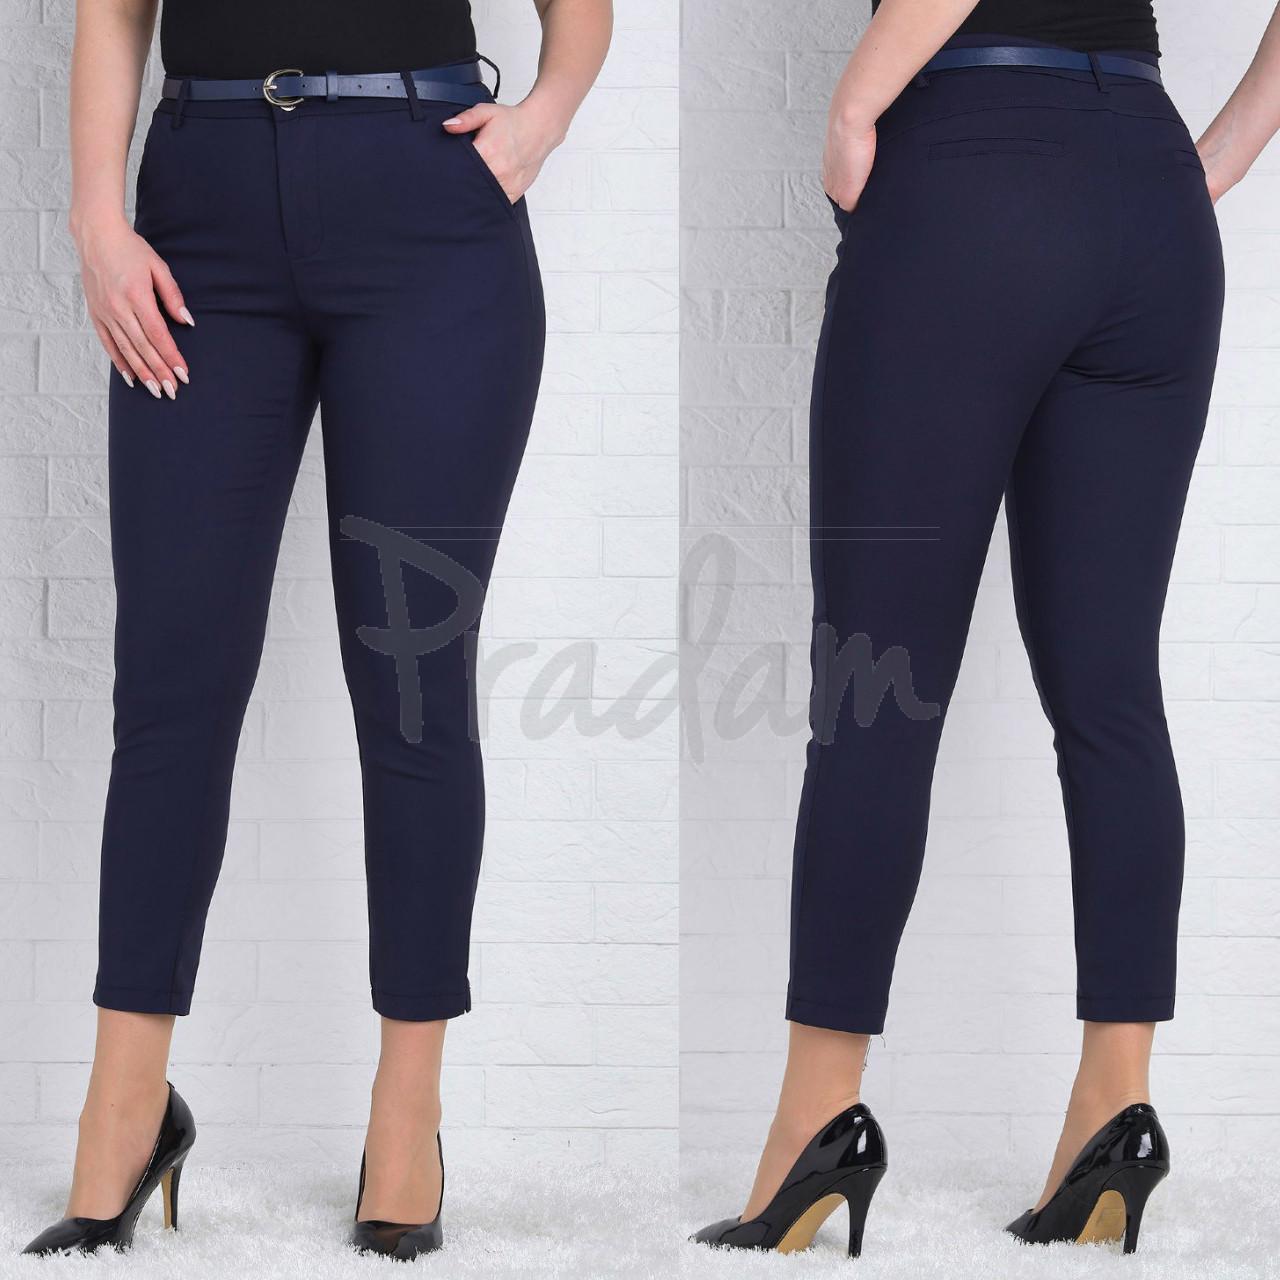 9781-R (GS9781R) Moon girl брюки женские батальные 7/8 темно-синие весенние стрейчевые (29-36, 12 ед.)